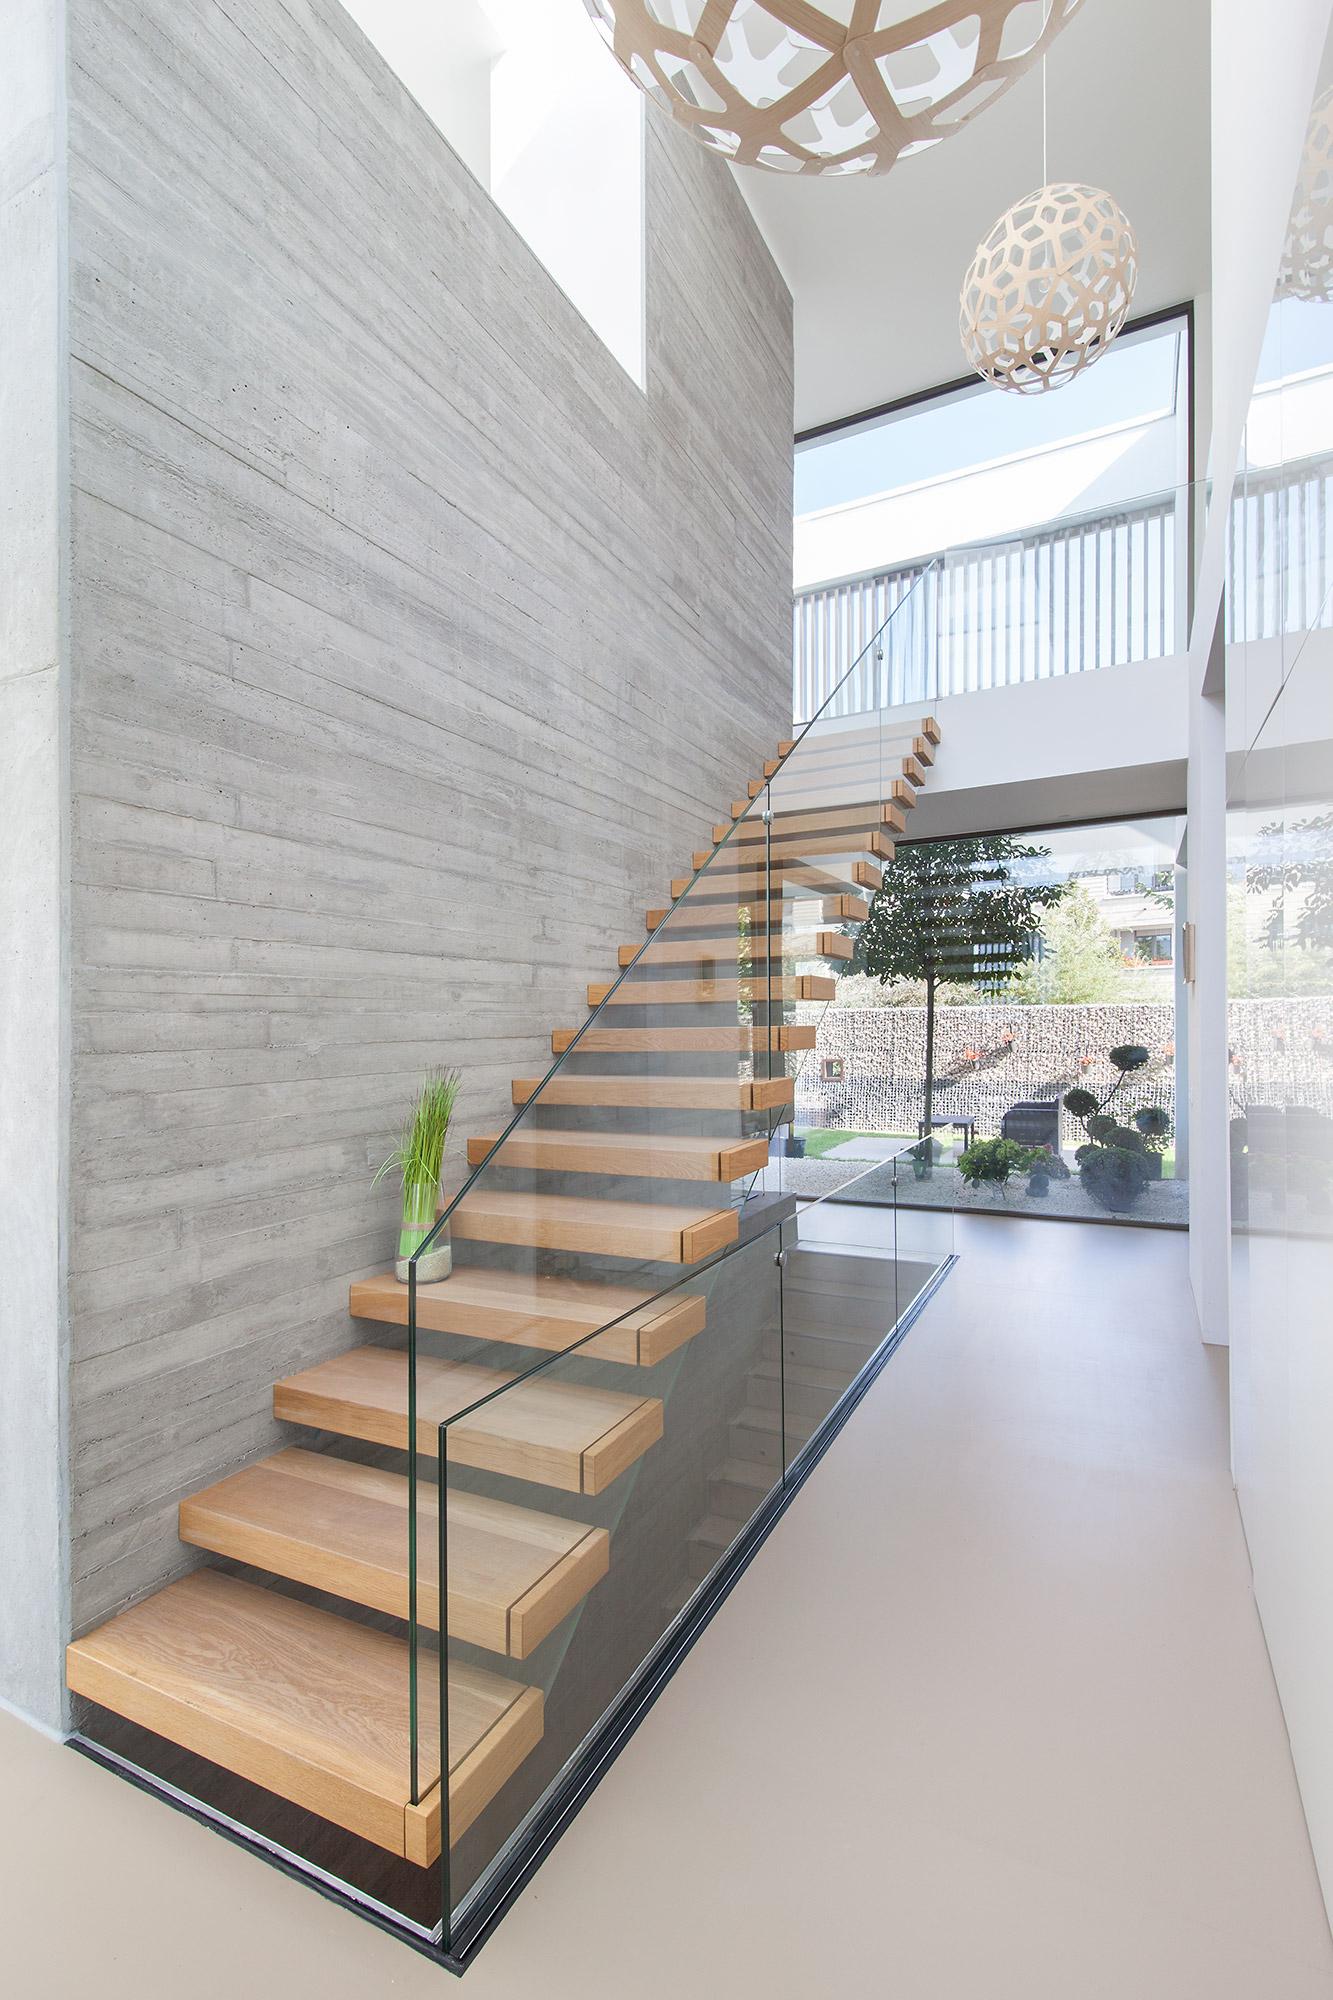 Villa Y Raumteiler mit Kragarmtreppe im Erdgeschoss FFM-ARCHITEKTEN.